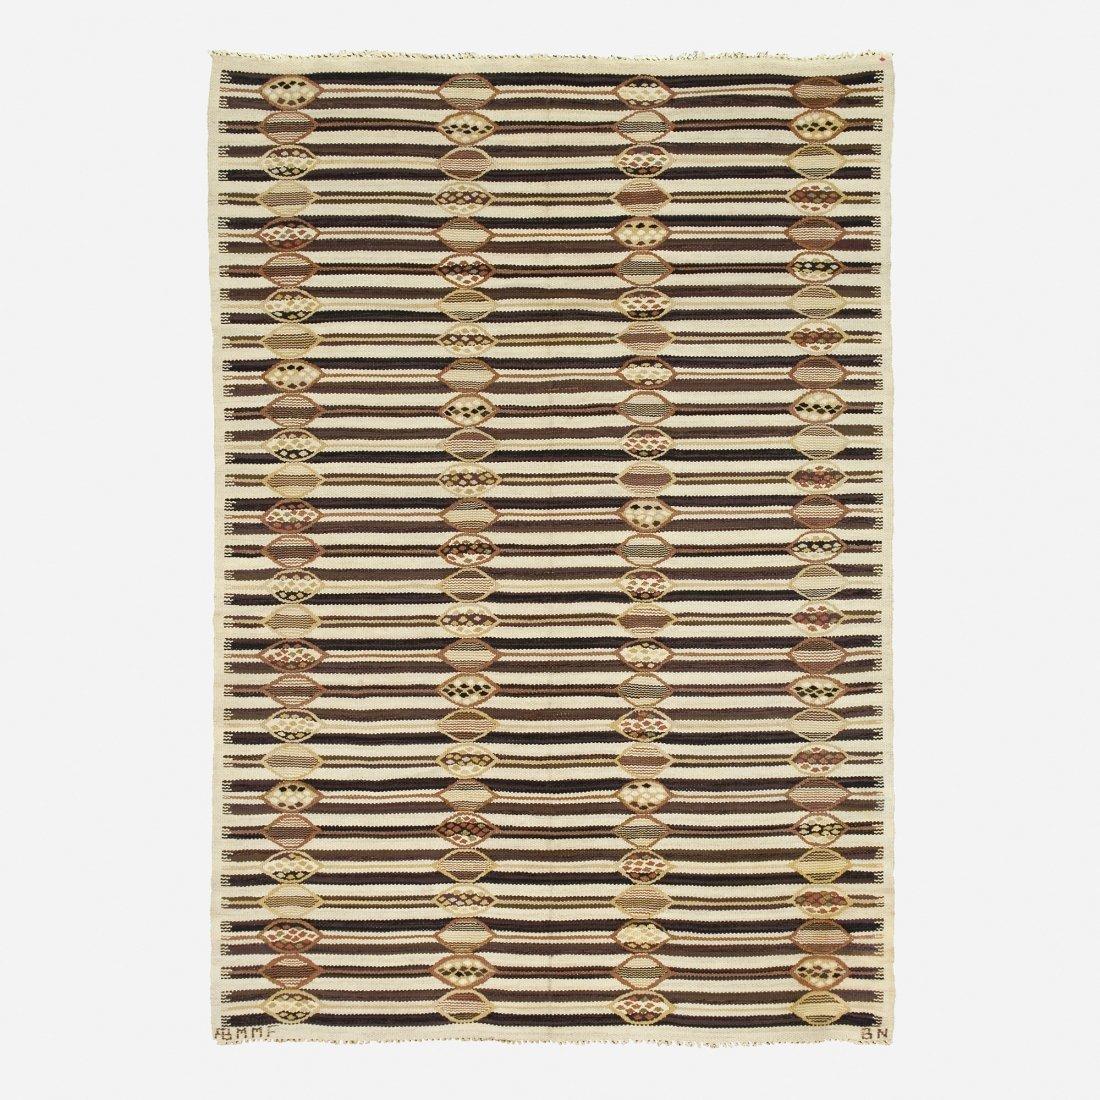 Barbro Nilsson, Matten E tapestry weave carpet